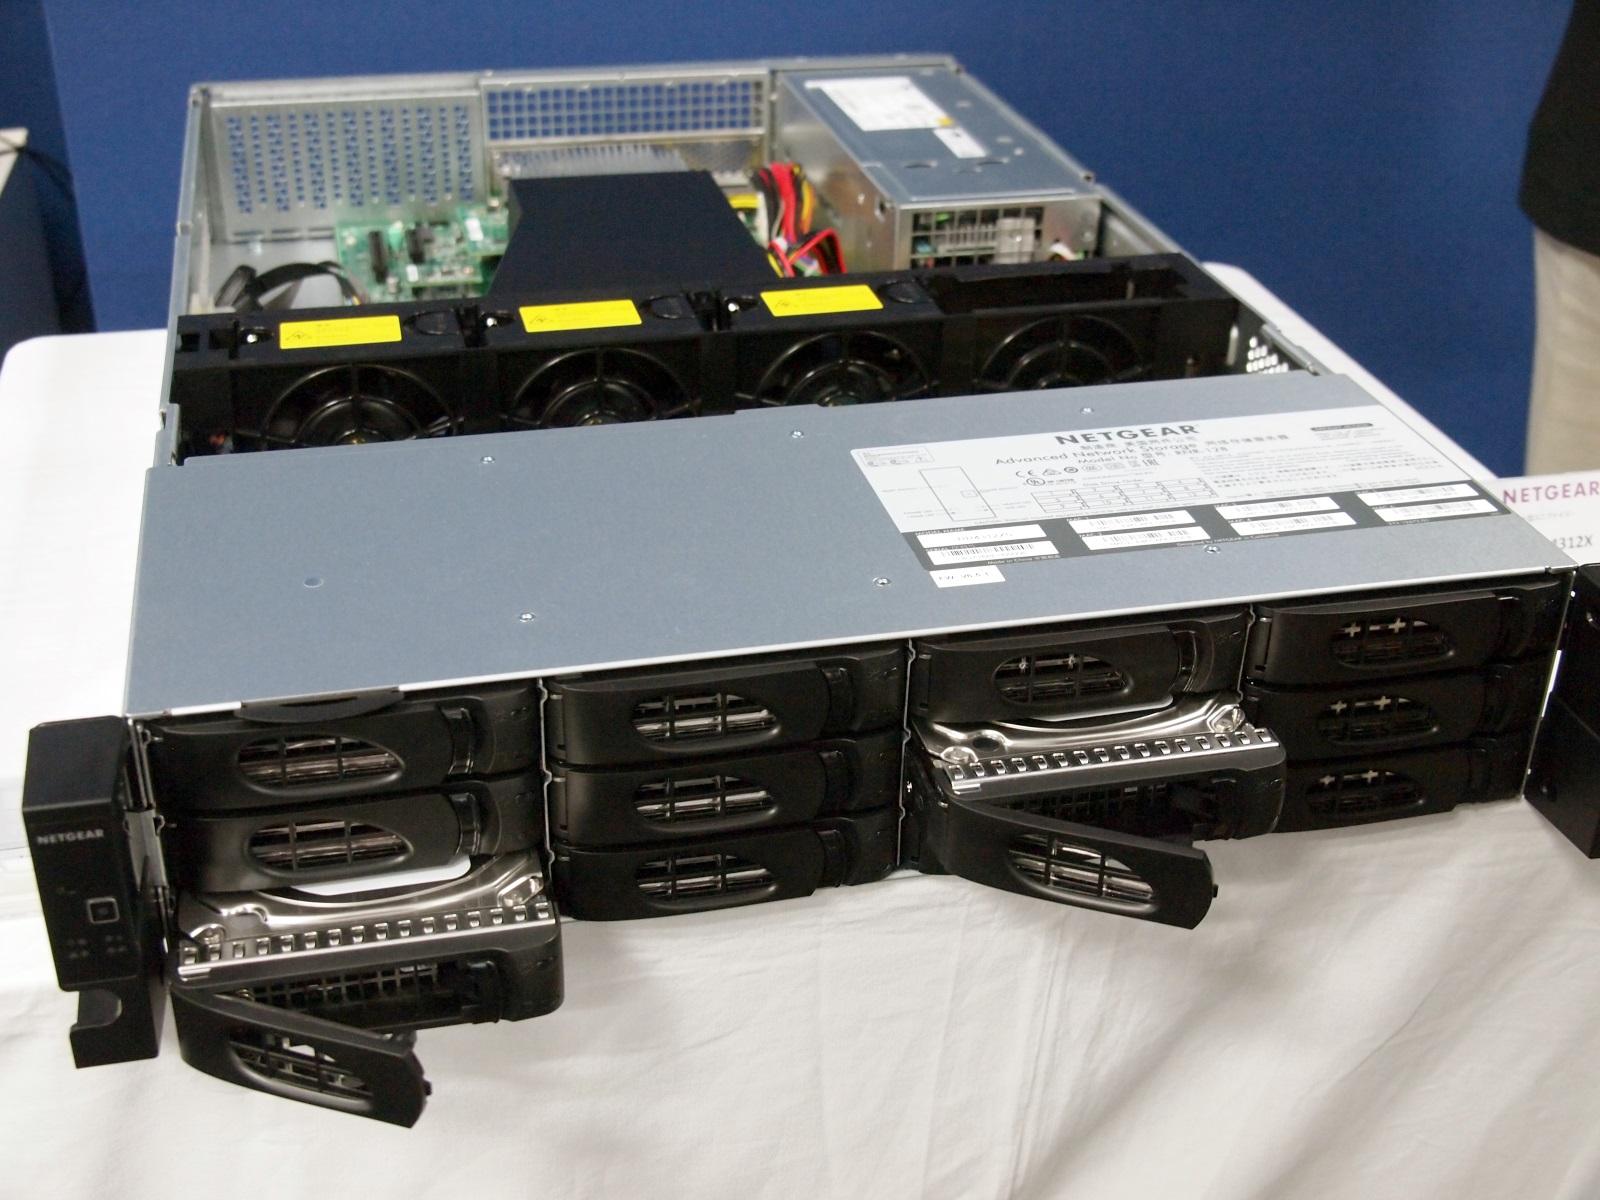 ラックマウント型NAS「ReadyNAS 4312X」